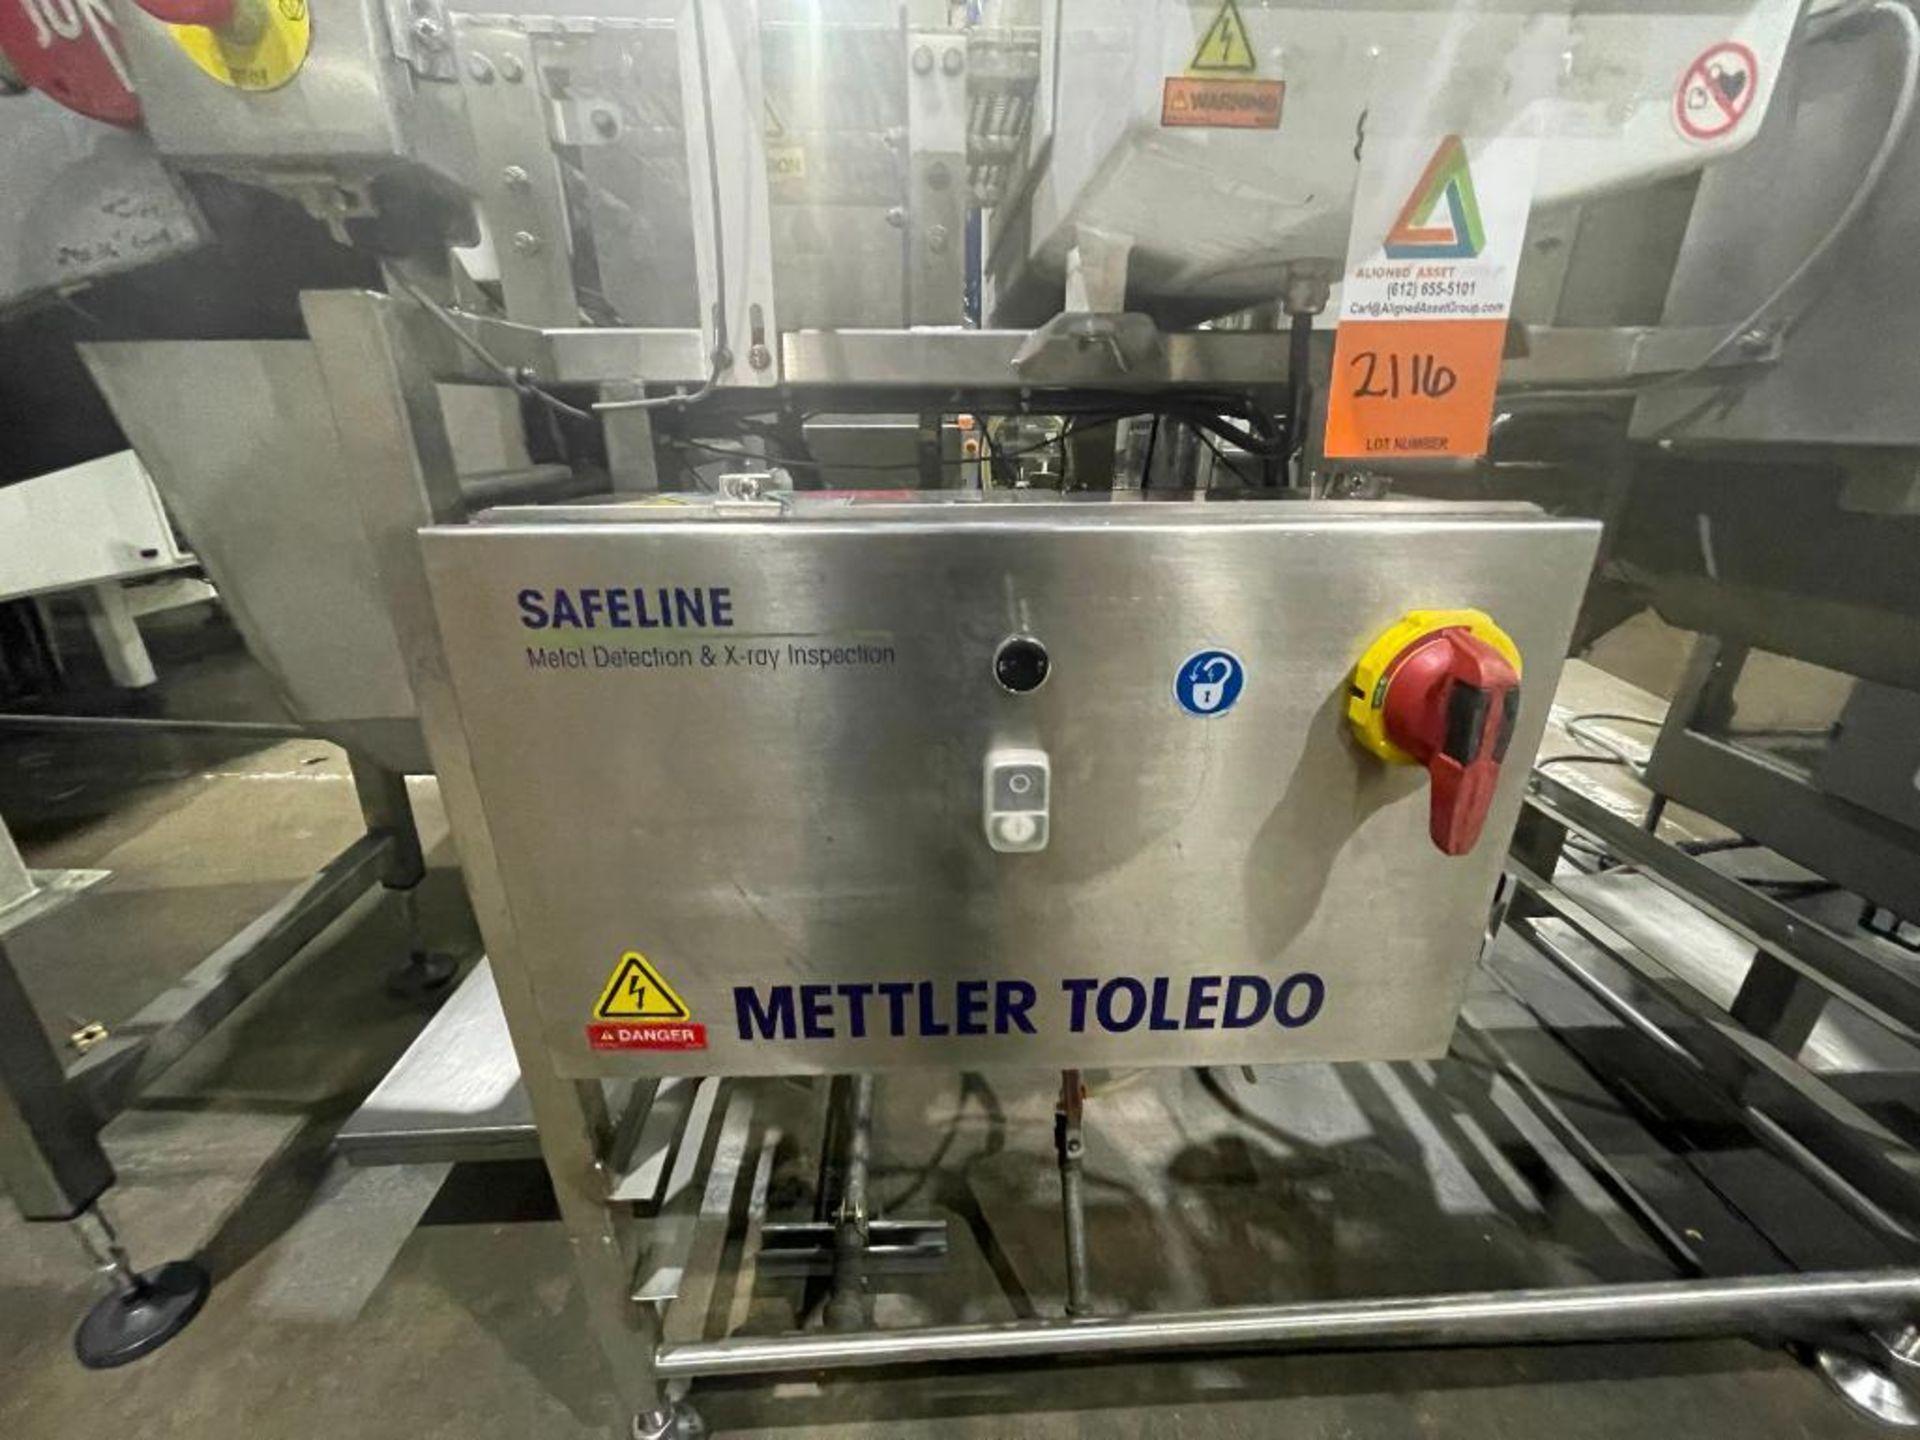 2016 Mettler Toledo metal detector, model SL1500 - Image 2 of 15